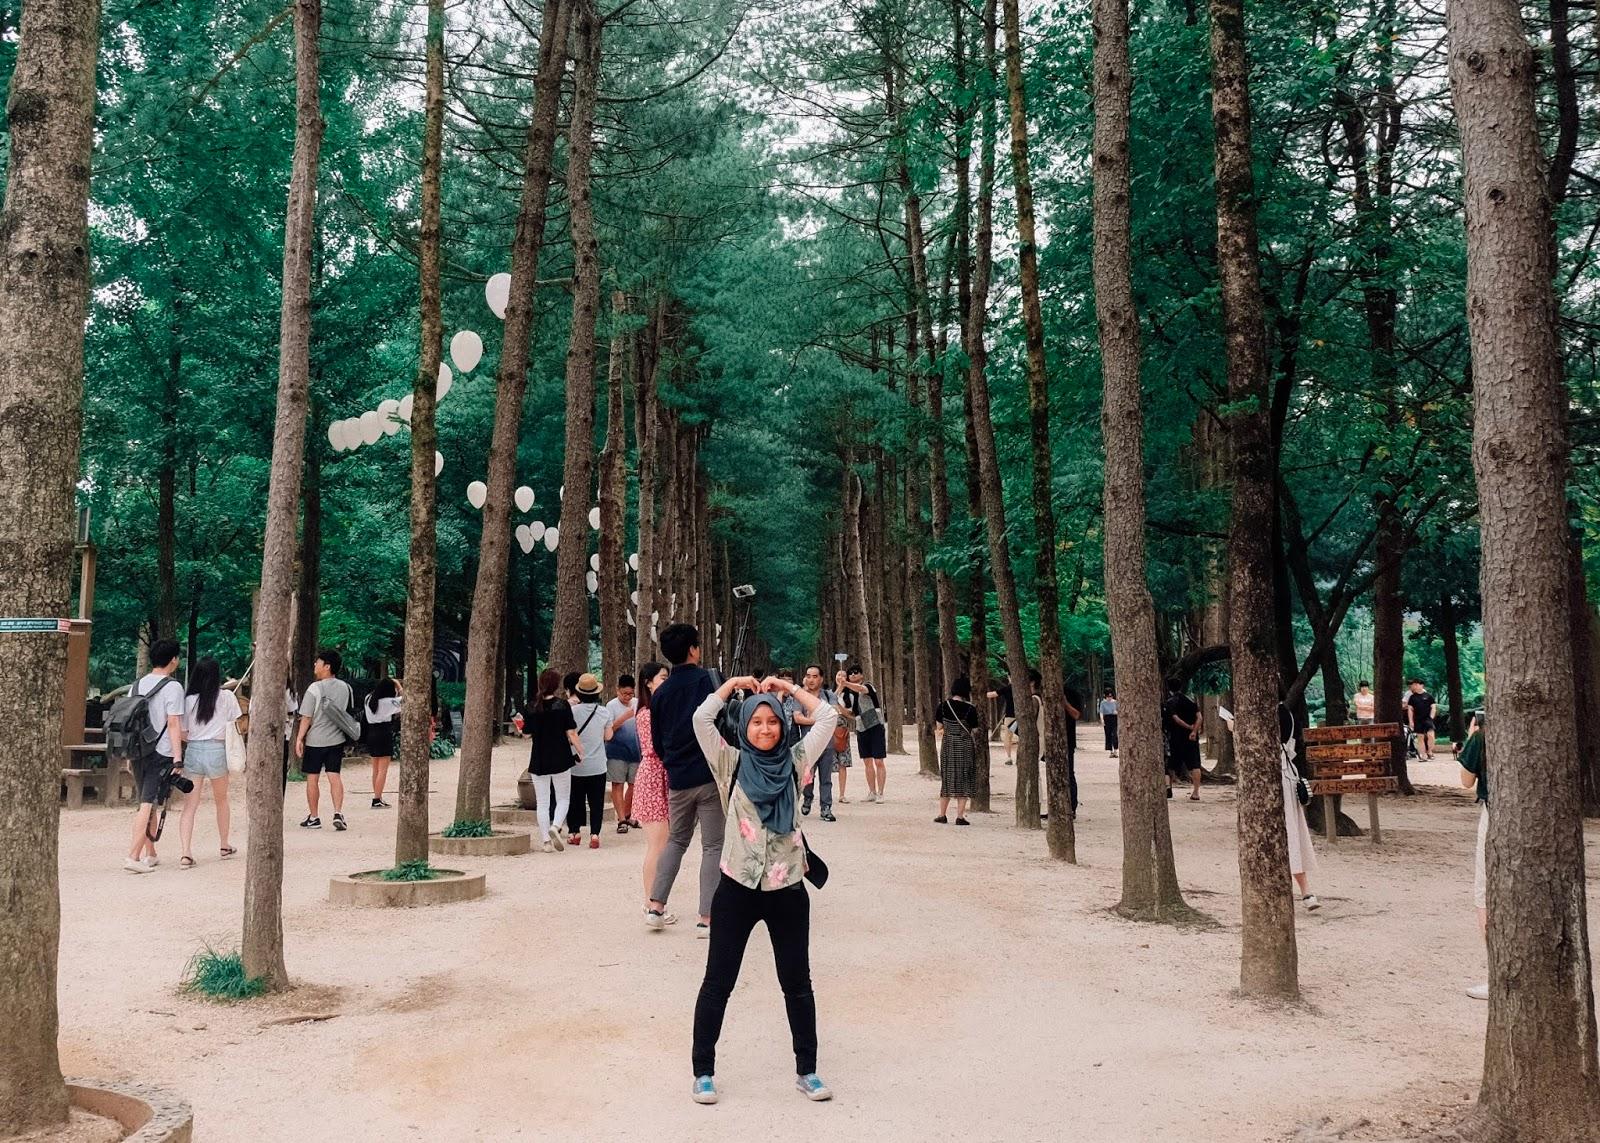 Nami Island Seoul Korea Curitan Aqalili